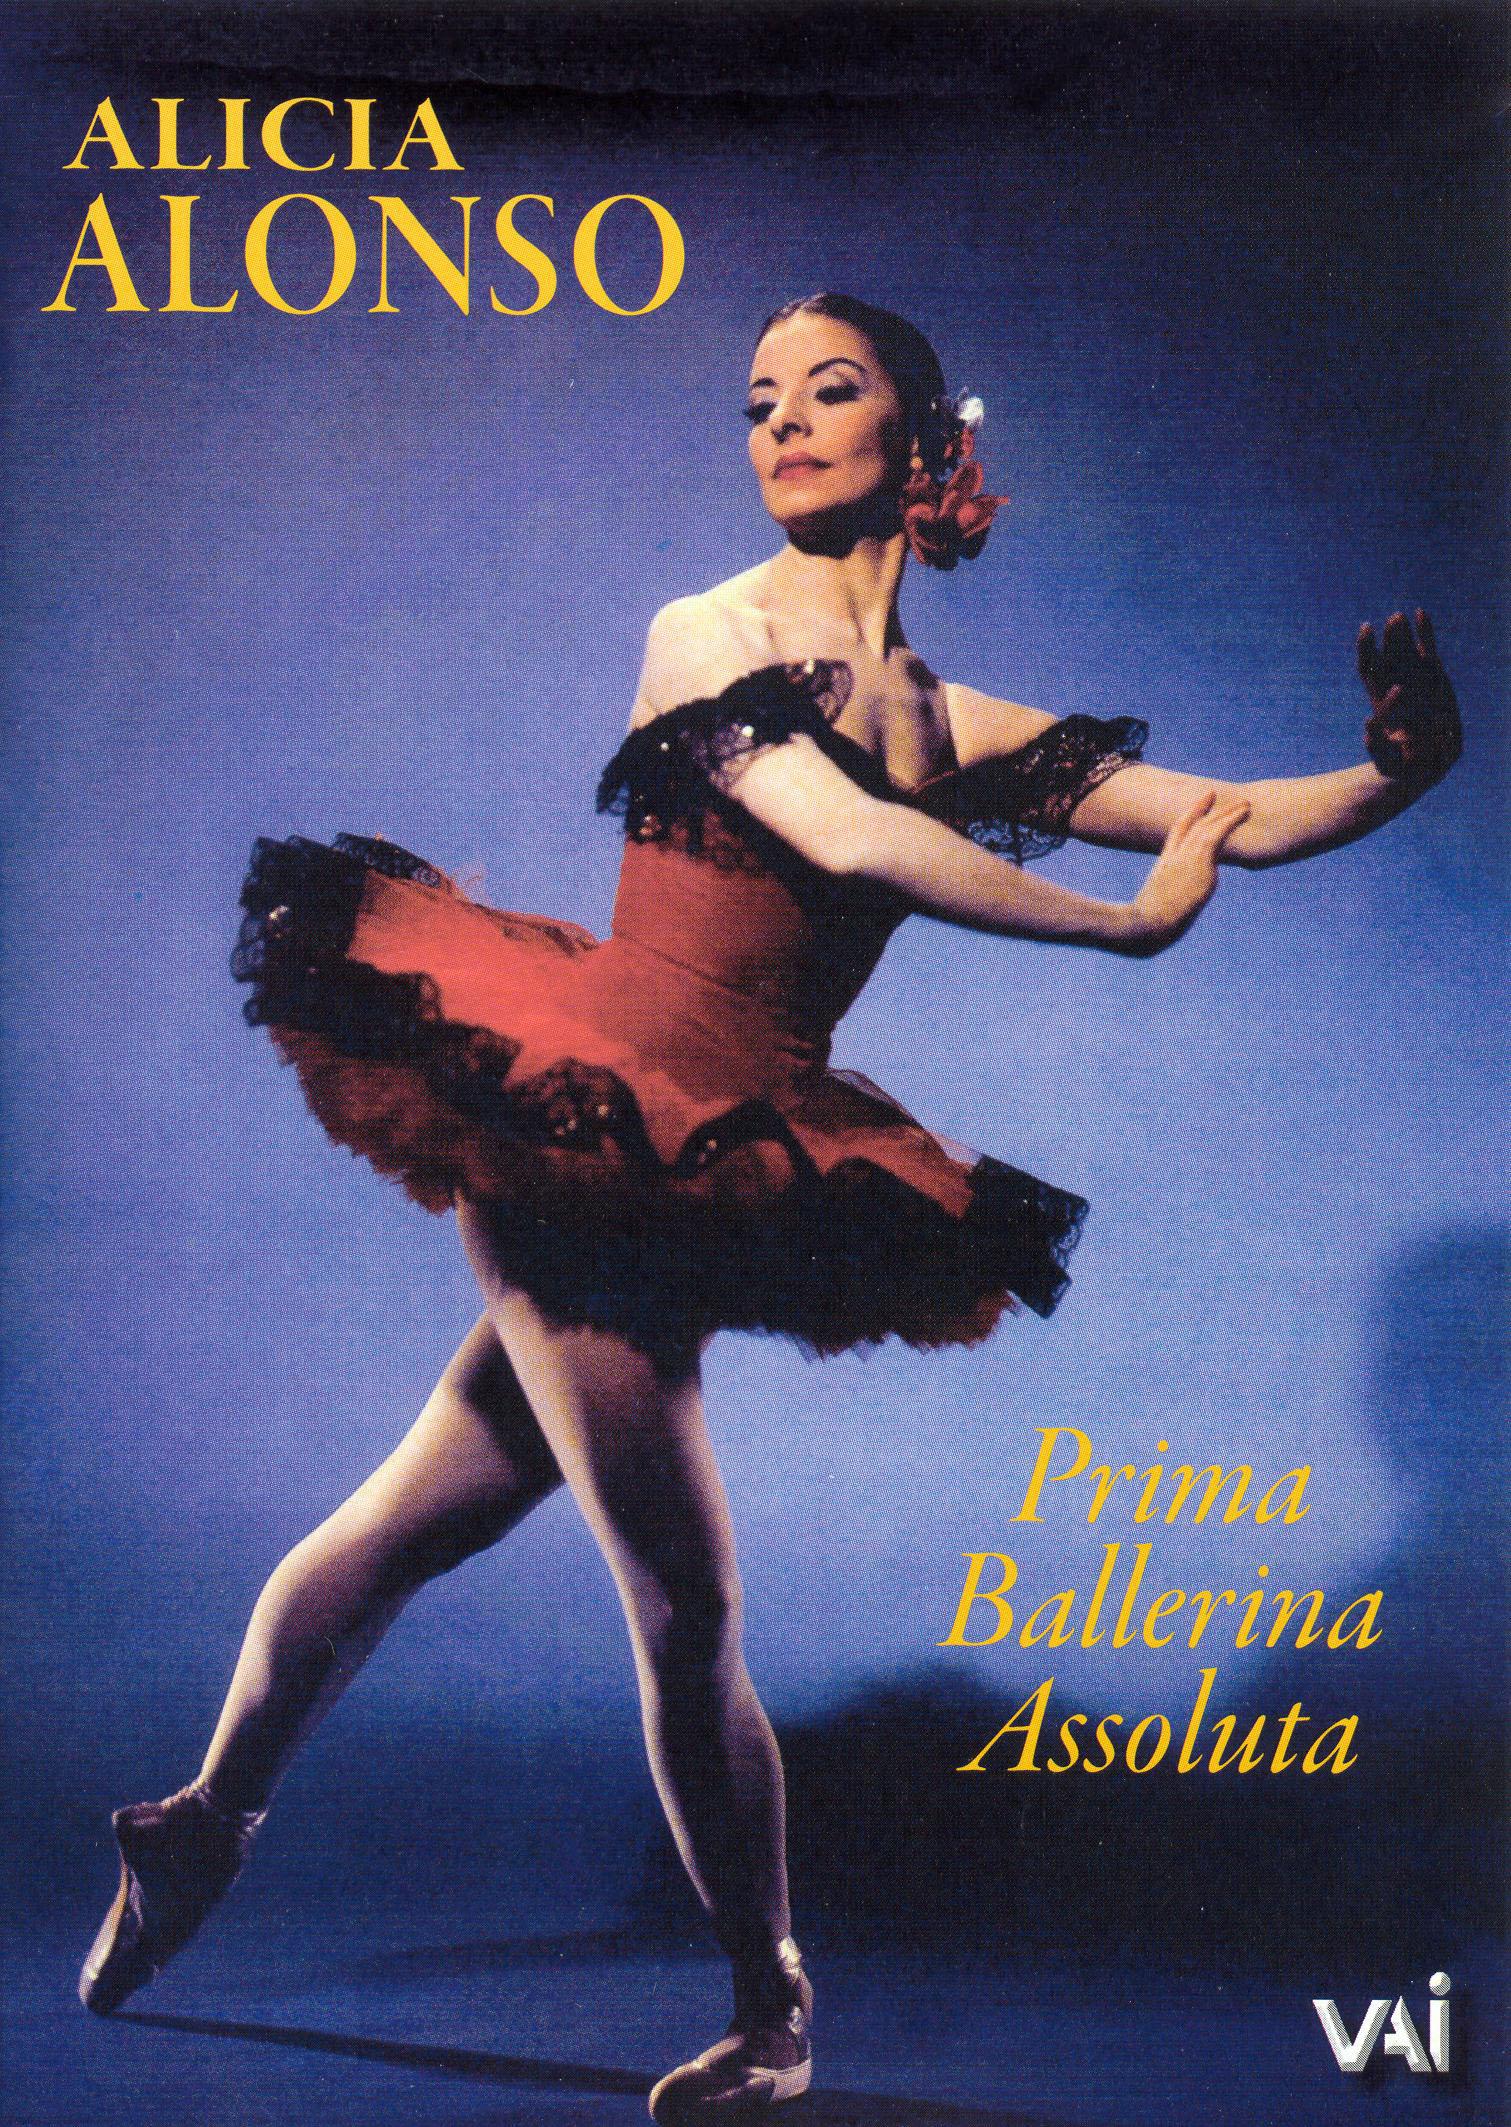 Alicia Alonso: Prima Ballerina Assoluta